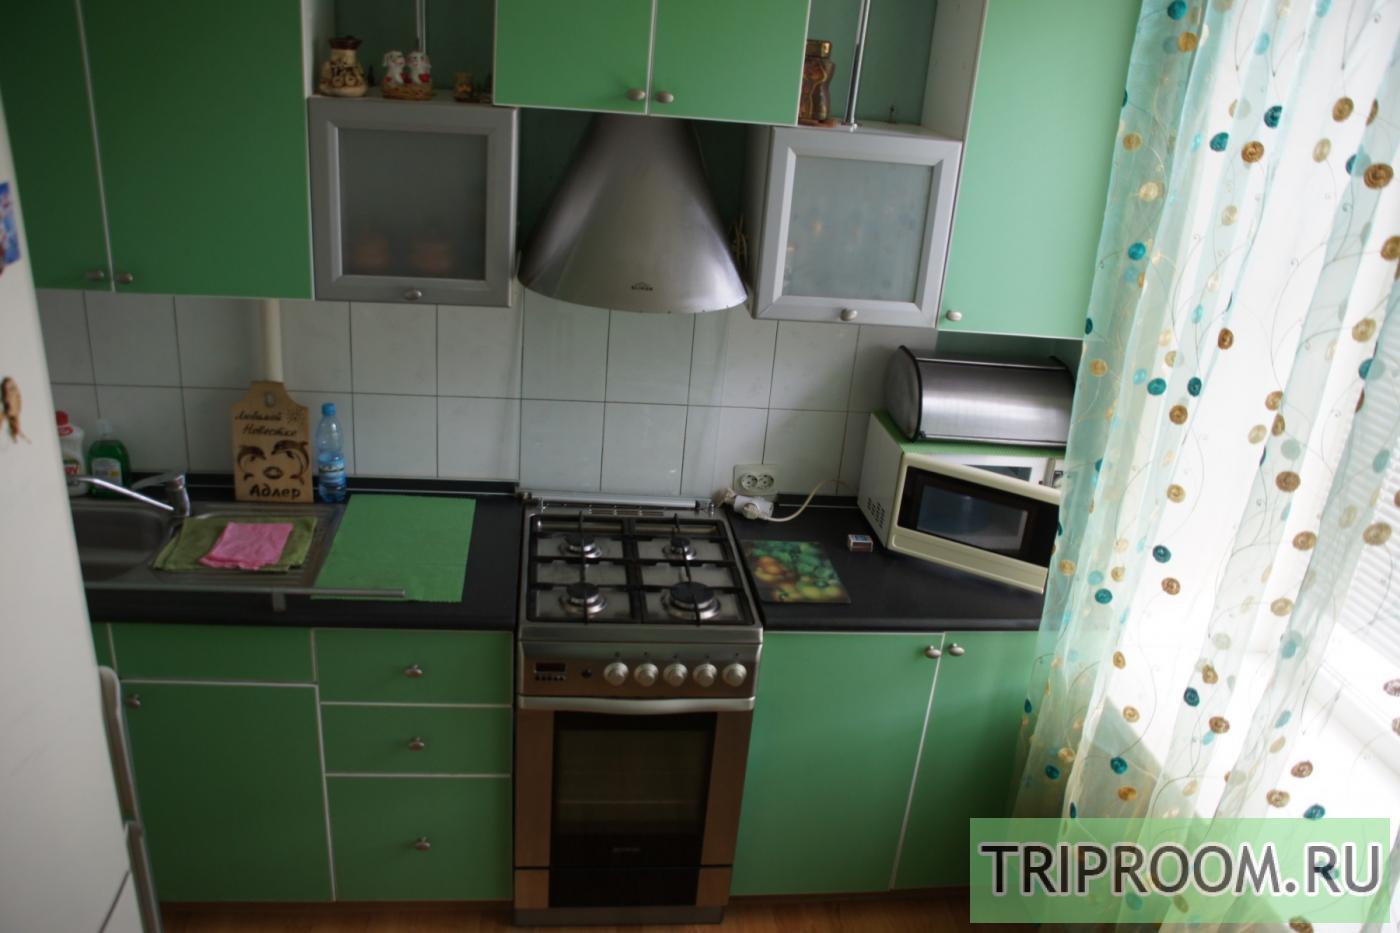 2-комнатная квартира посуточно (вариант № 20151), ул. Комсомольская улица, фото № 4